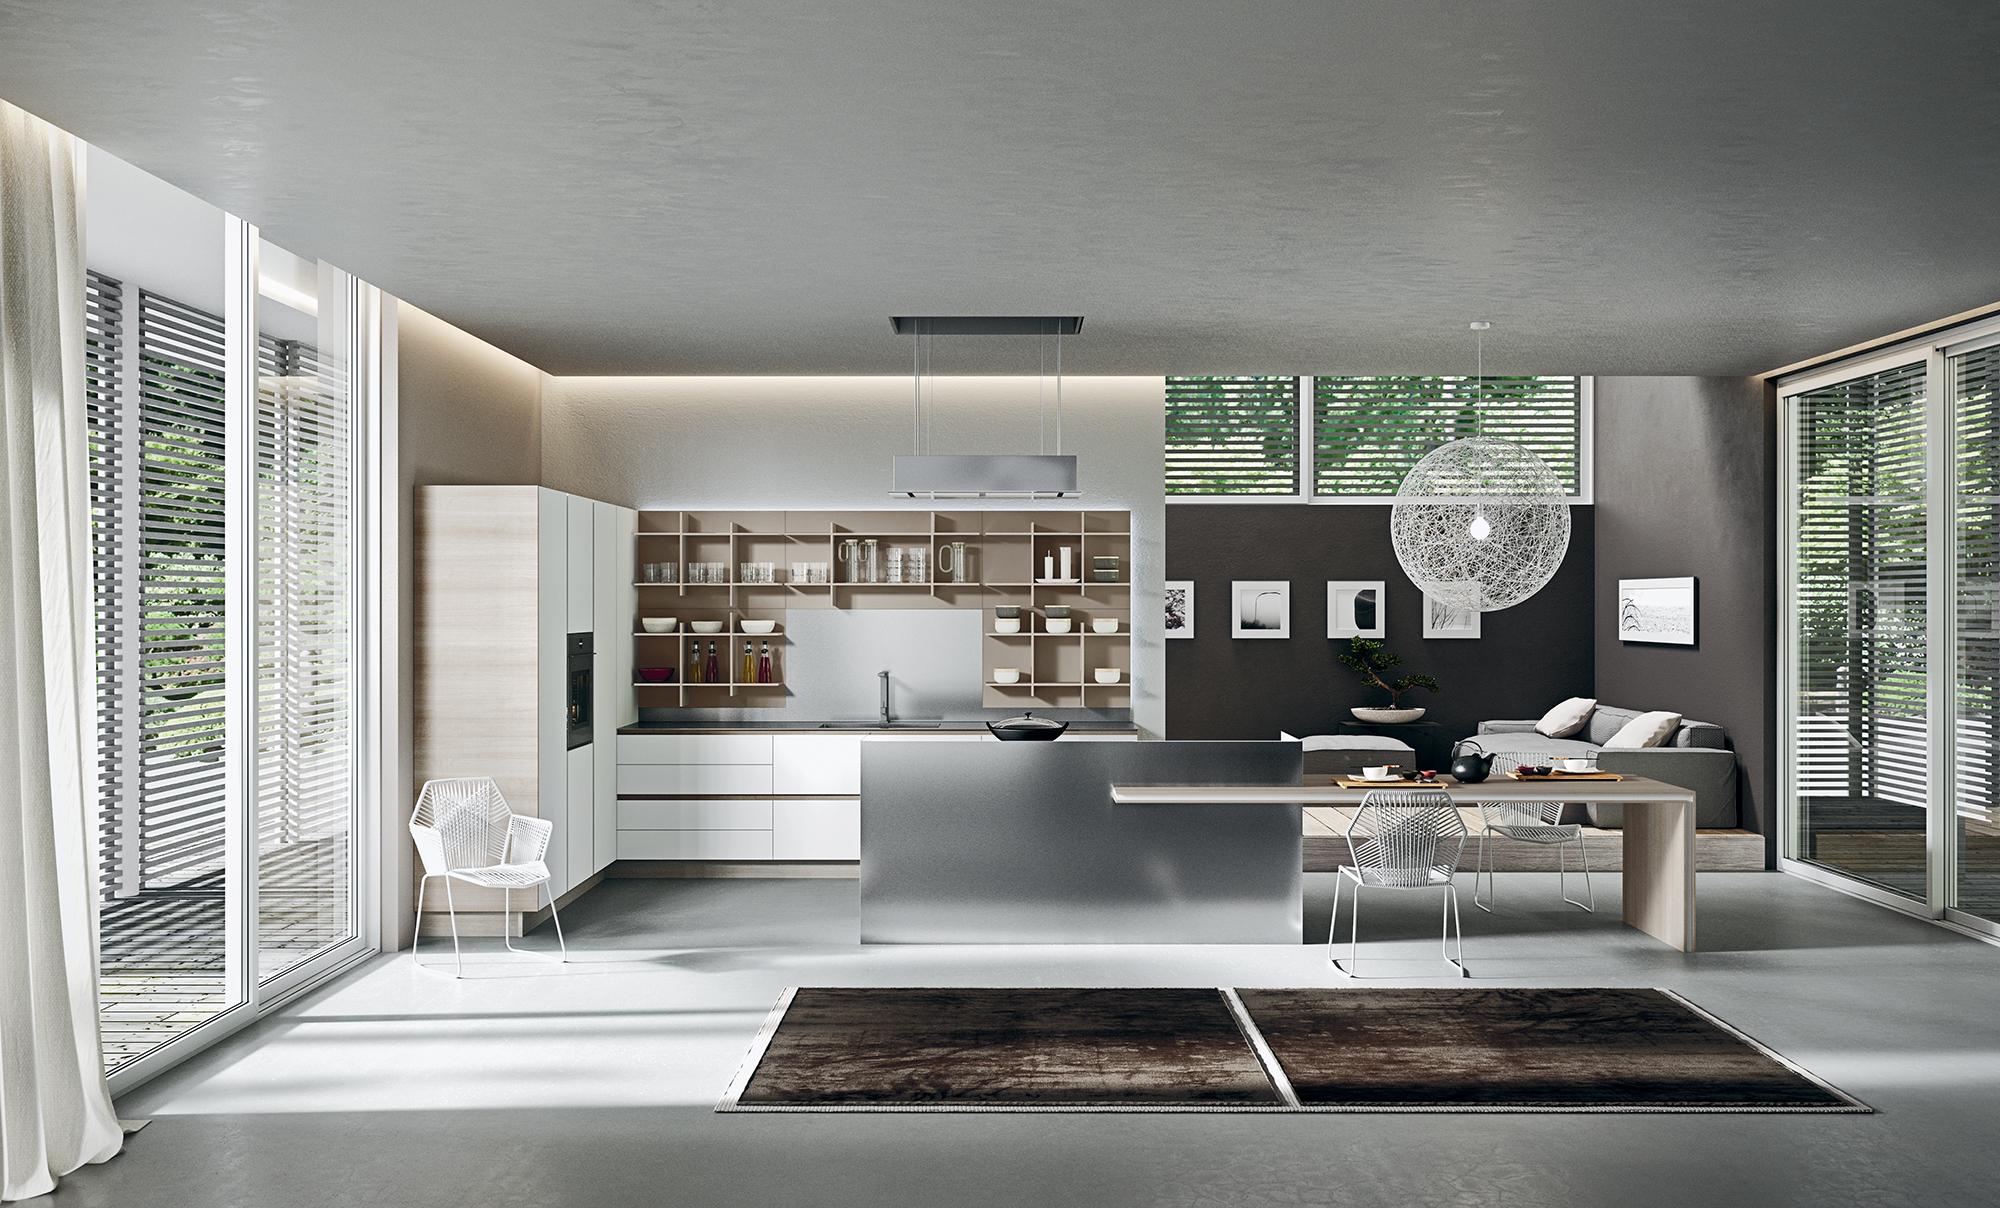 Cucine Classiche E Di Design Arrital